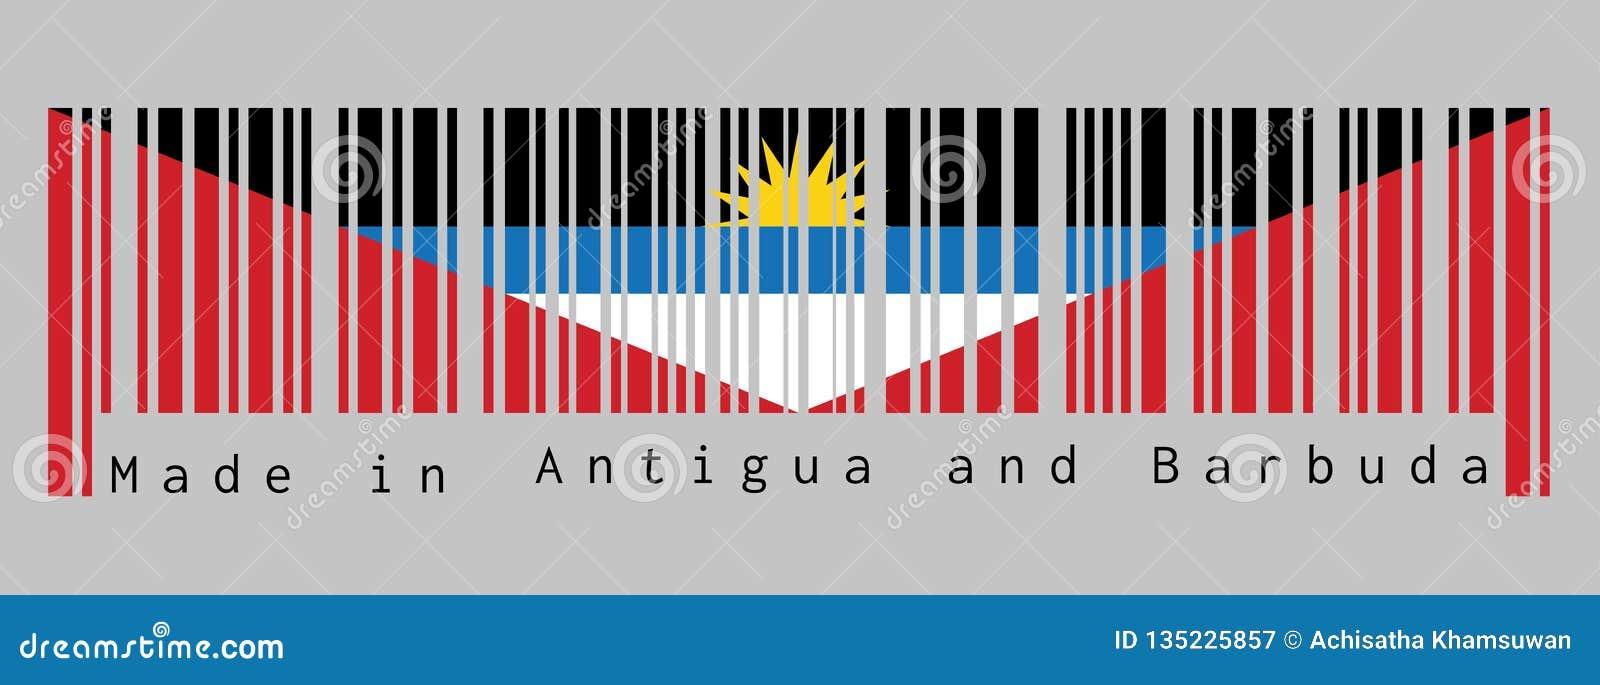 Code barres a placé la couleur du drapeau de l Antigua-et-Barbuda, bleu et blanc noirs, avec deux triangles rouges avec le moitié